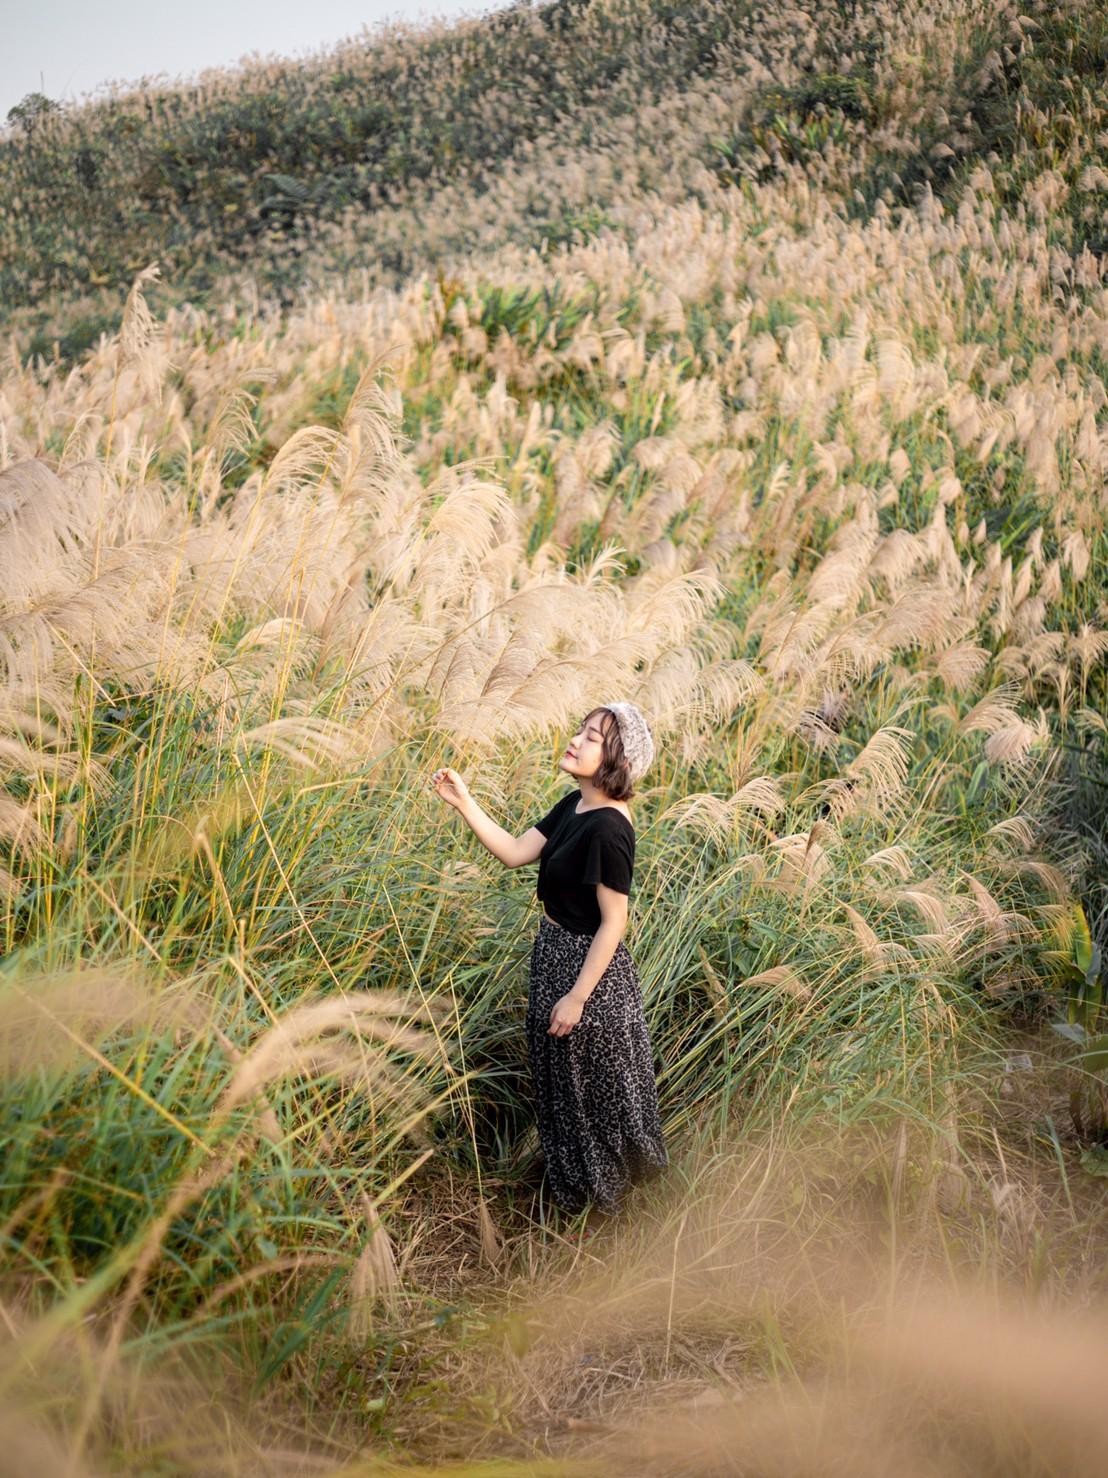 芒草季|新北樹林三角埔頂山交通、花期、拍照攻略|滿山遍野銀白芒草花海